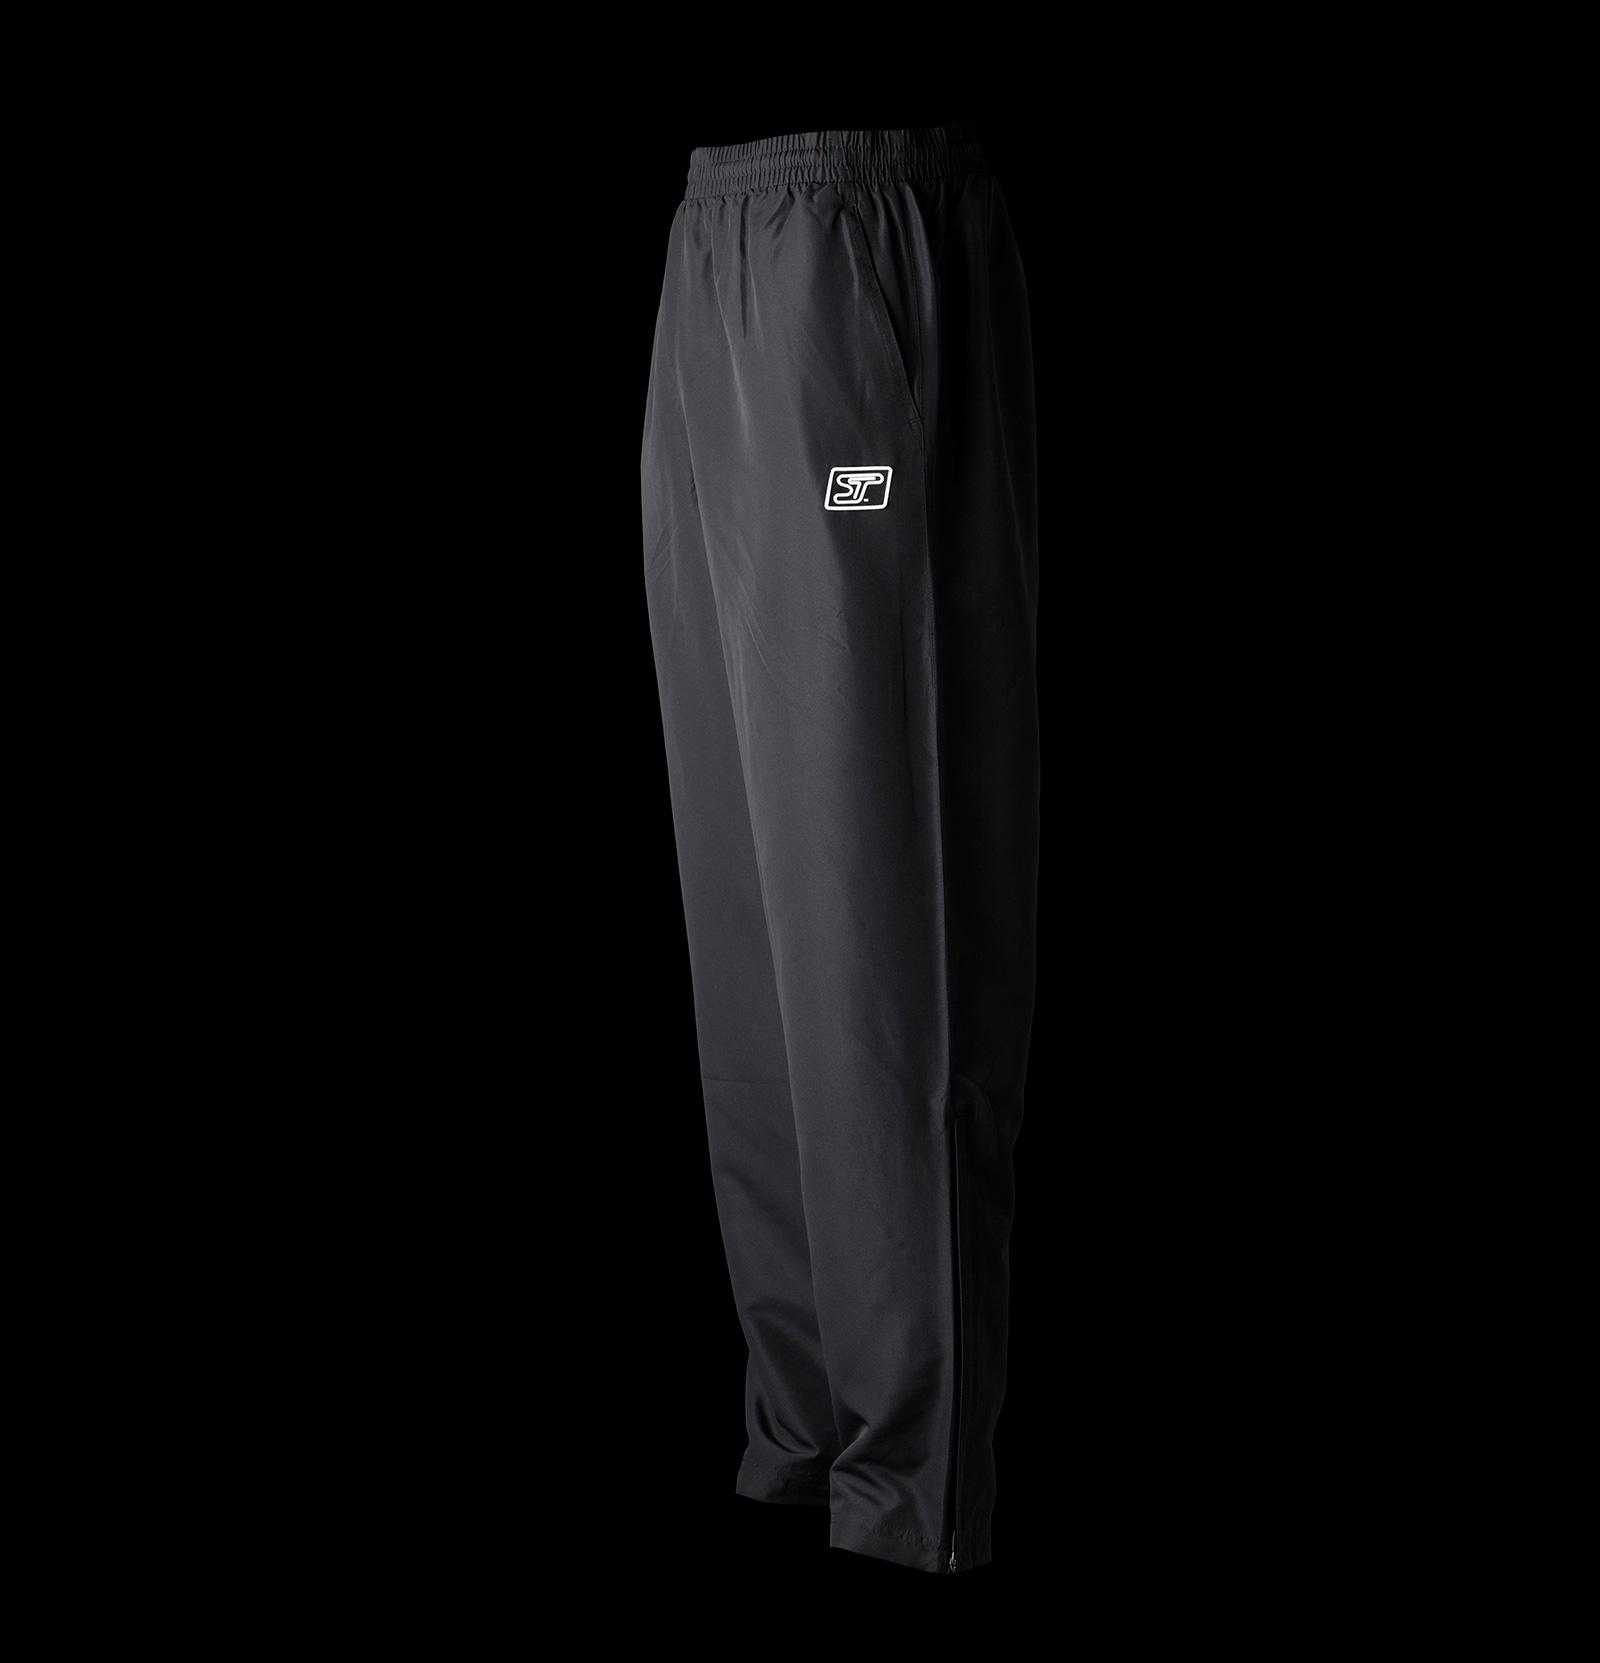 Excel-Travel-Suit-Pants-15